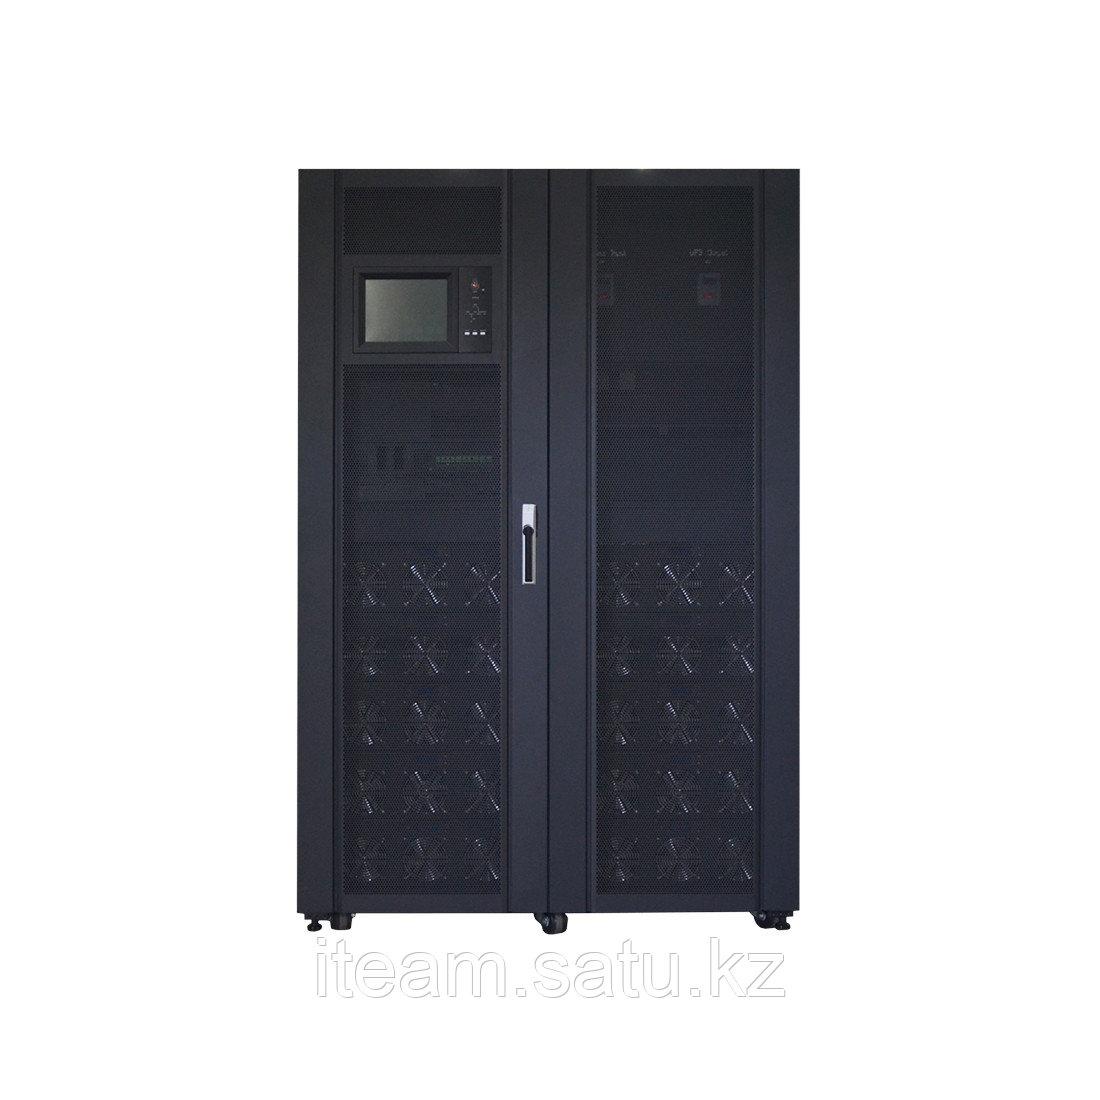 Модульный ИБП SVC RM500/50X 500 кВа/ 450кВт